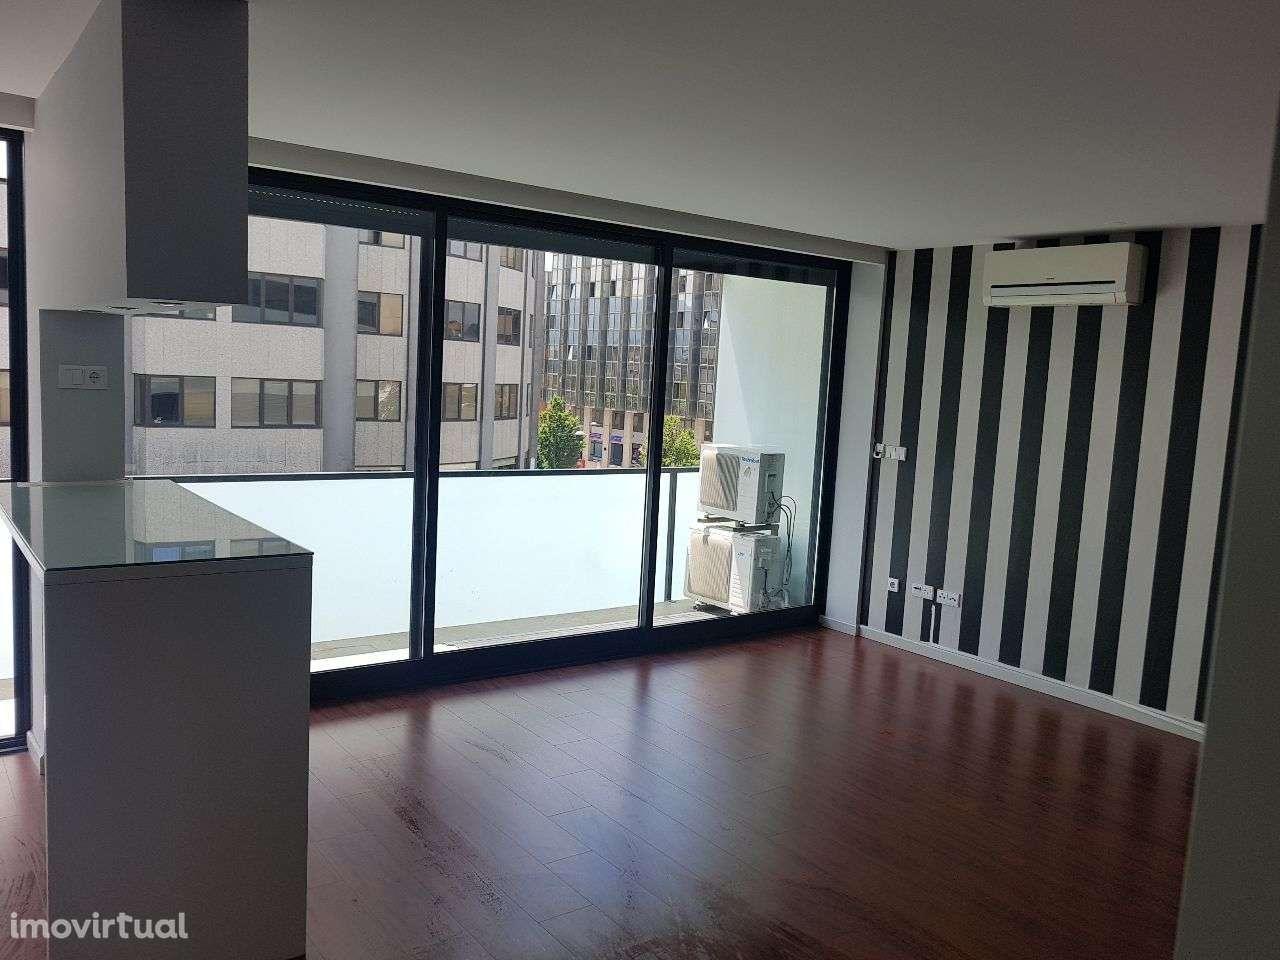 Apartamento para comprar, Valença, Cristelo Covo e Arão, Viana do Castelo - Foto 31